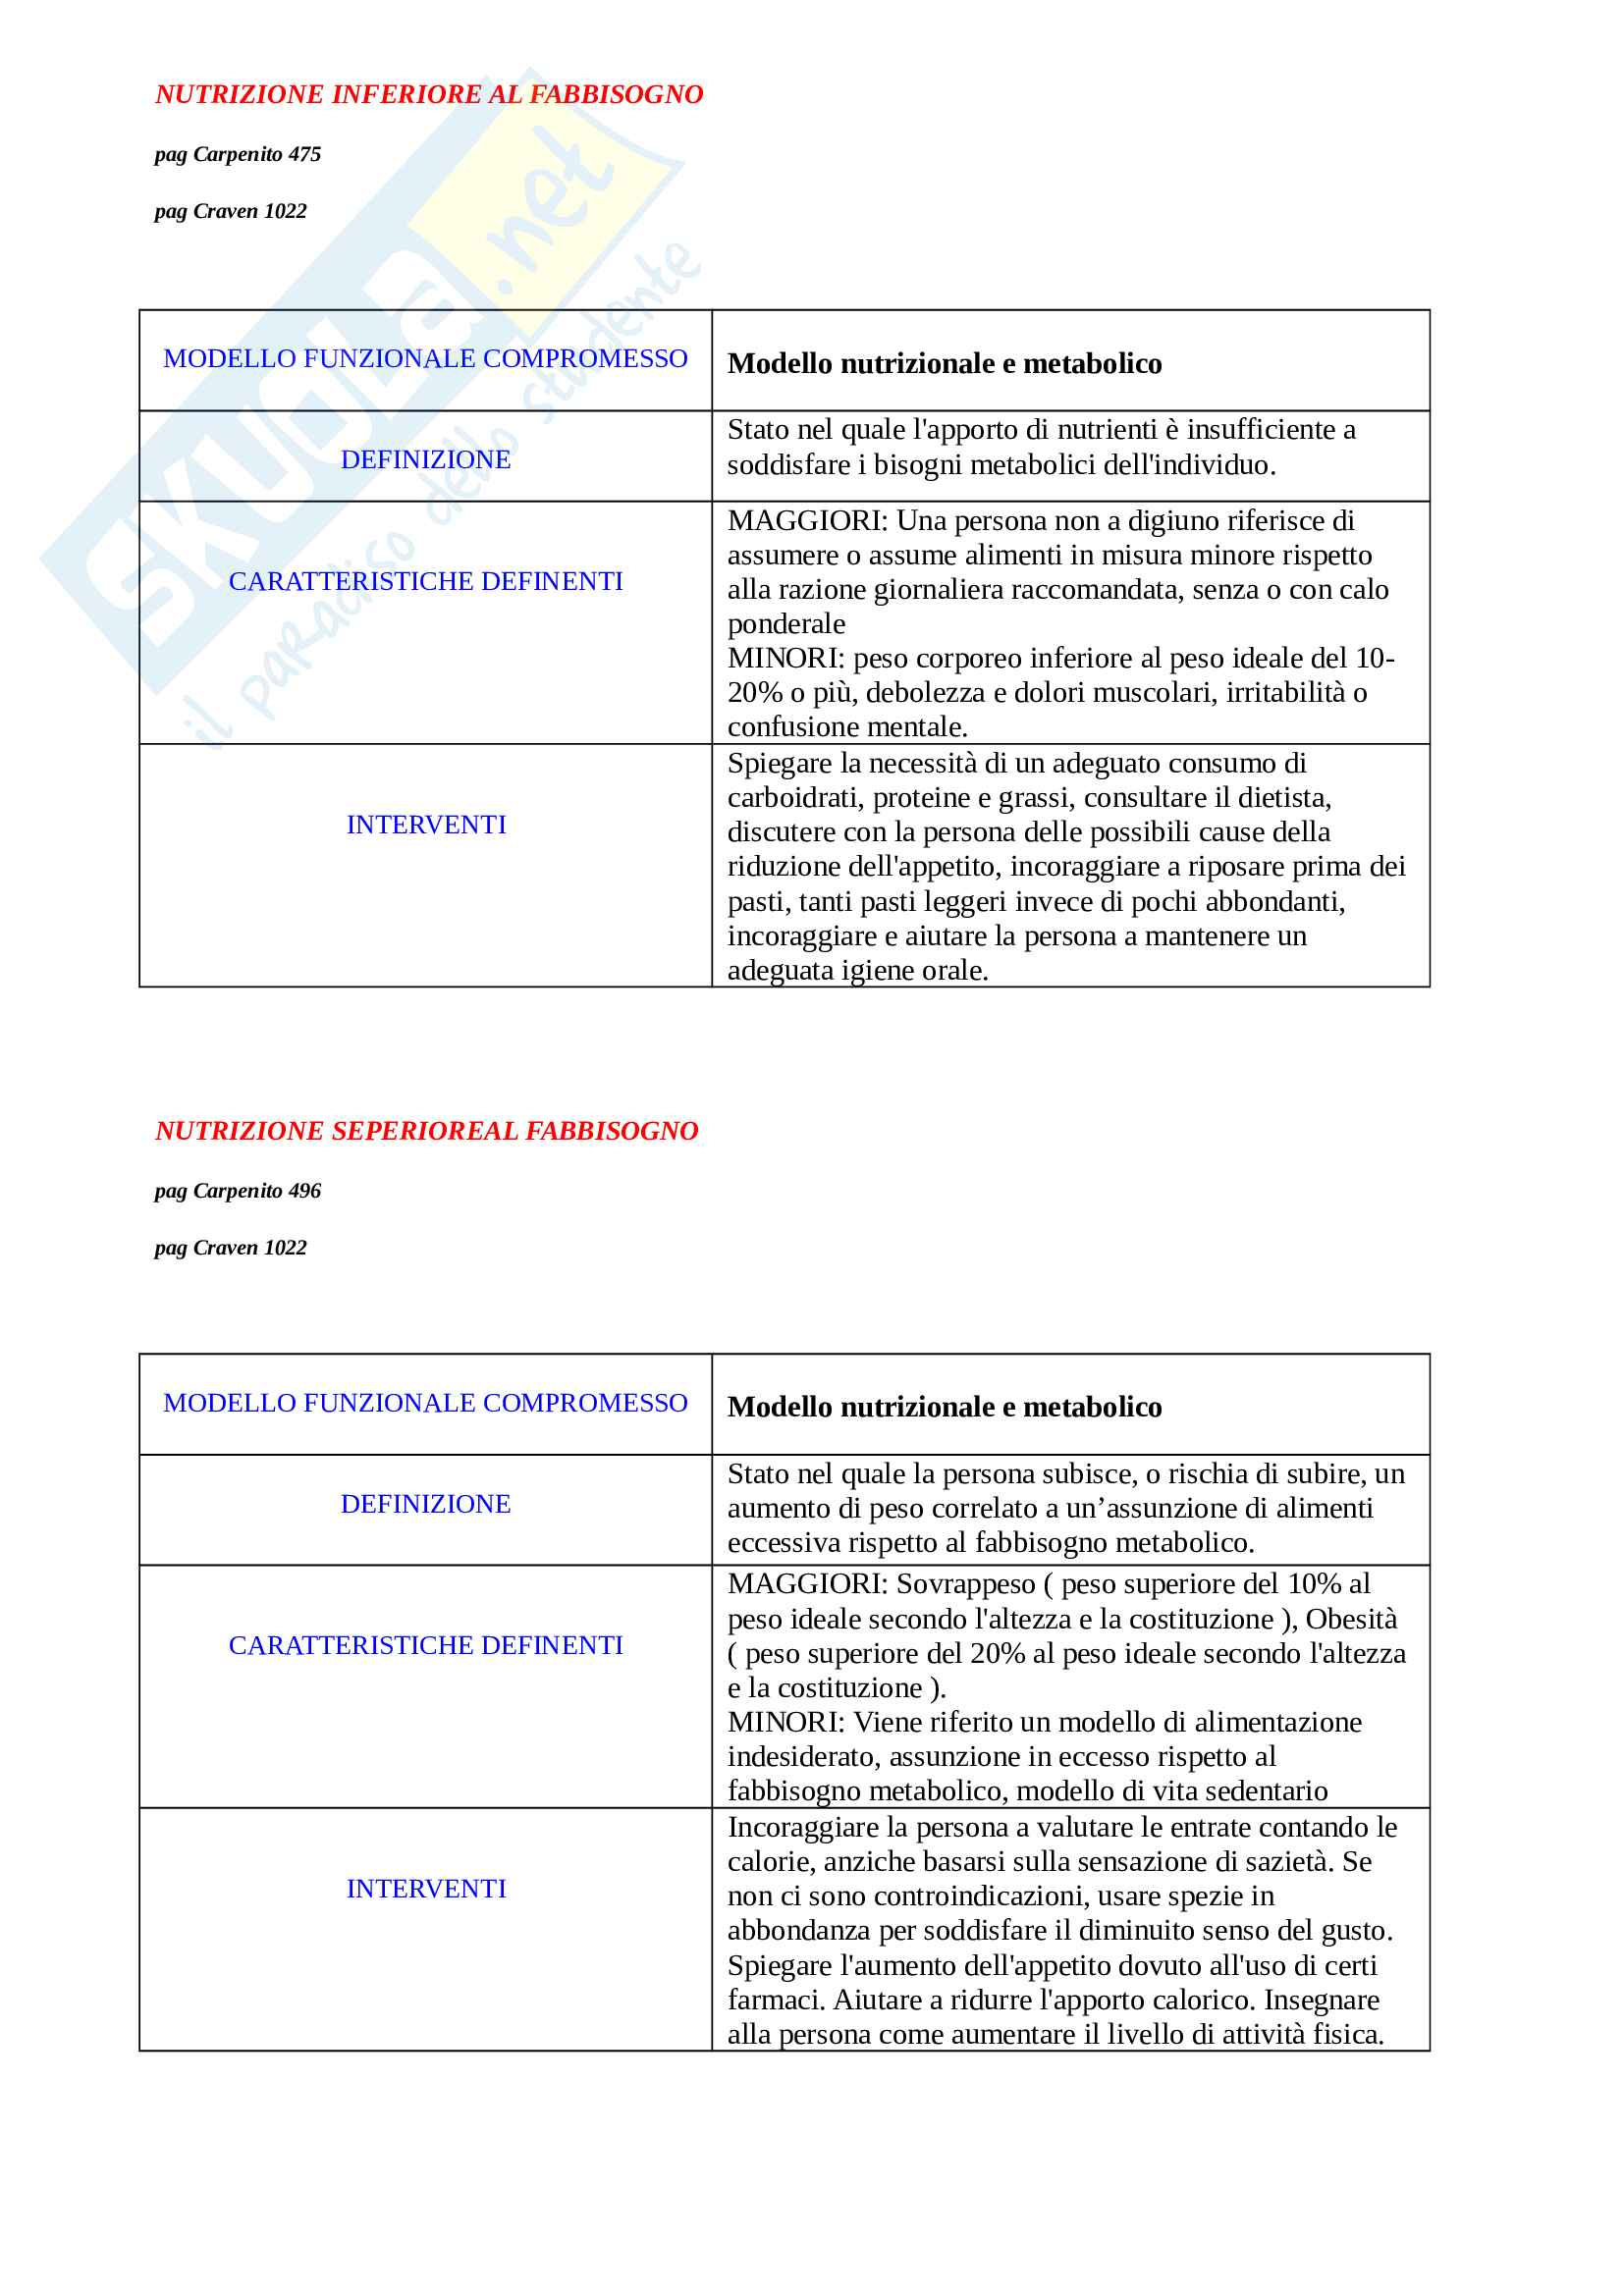 Diagnosi infermieristiche Pag. 11